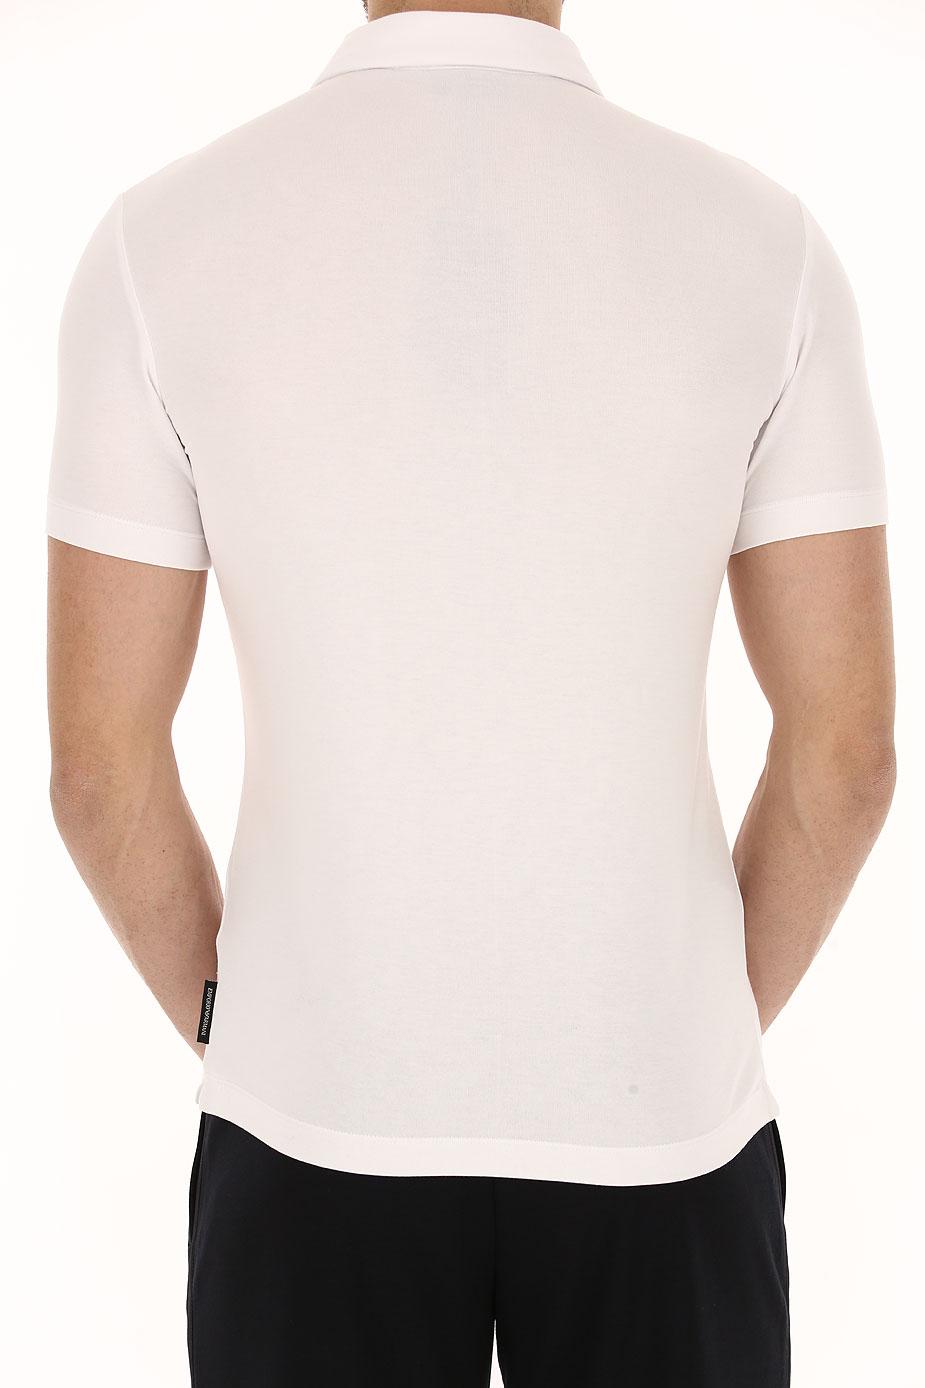 Abbigliamento Uomo Emporio Armani Codice Articolo 8n1f8c-1jcdz-0100